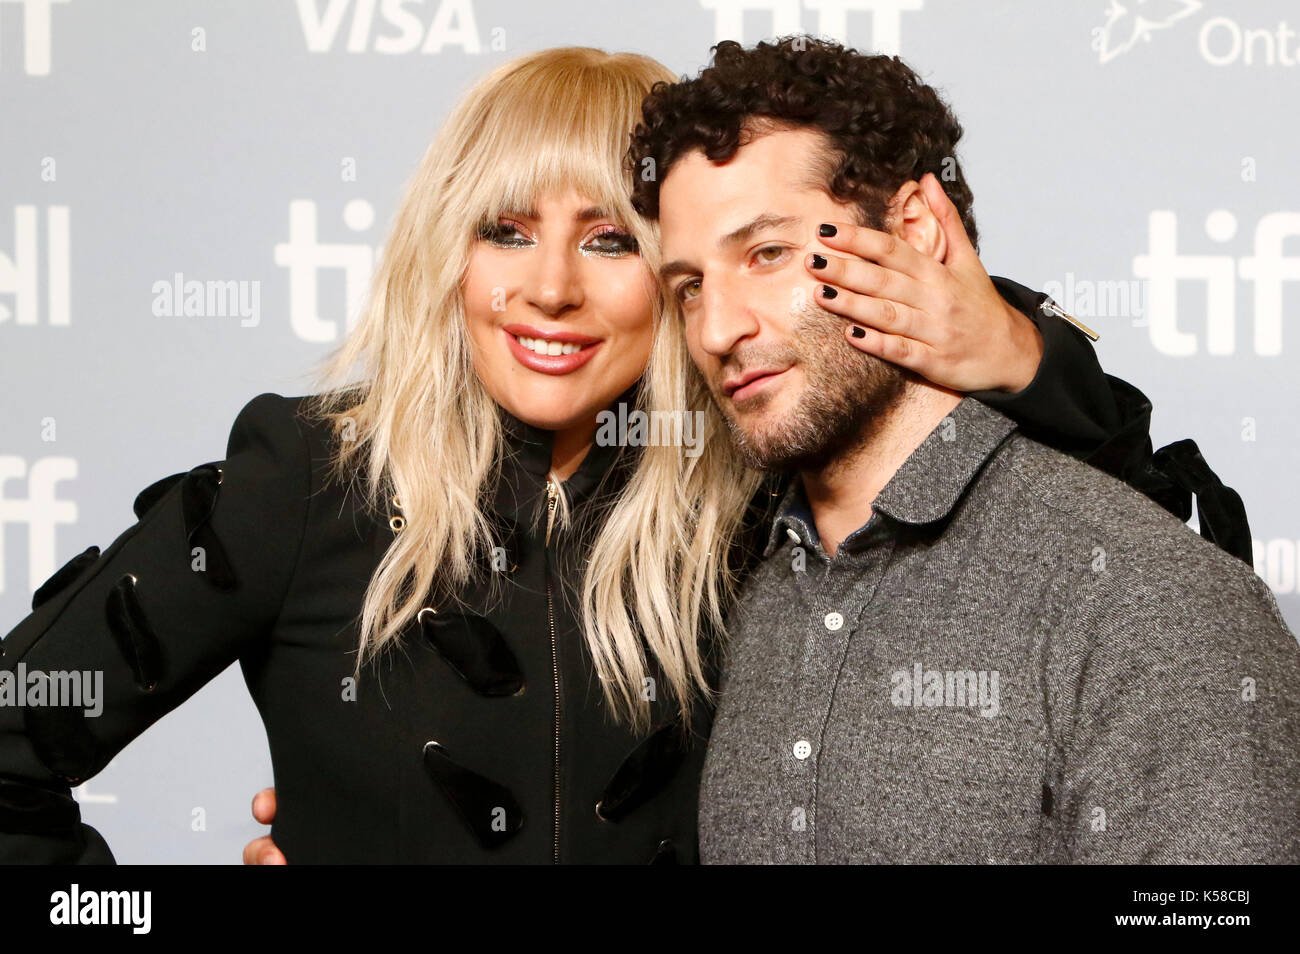 """Toronto, Kanada. 08 Sep, 2017. Lady Gaga und dirctor Chris moukarbel während der """"Gaga: fünf Fuß zwei """"fotoauftrag während der 42 Toronto International Film Festival bei Bell Lightbox am September 08, 2017 in Toronto, Kanada Kredit: geisler - fotopress/alamy leben Nachrichten Stockfoto"""